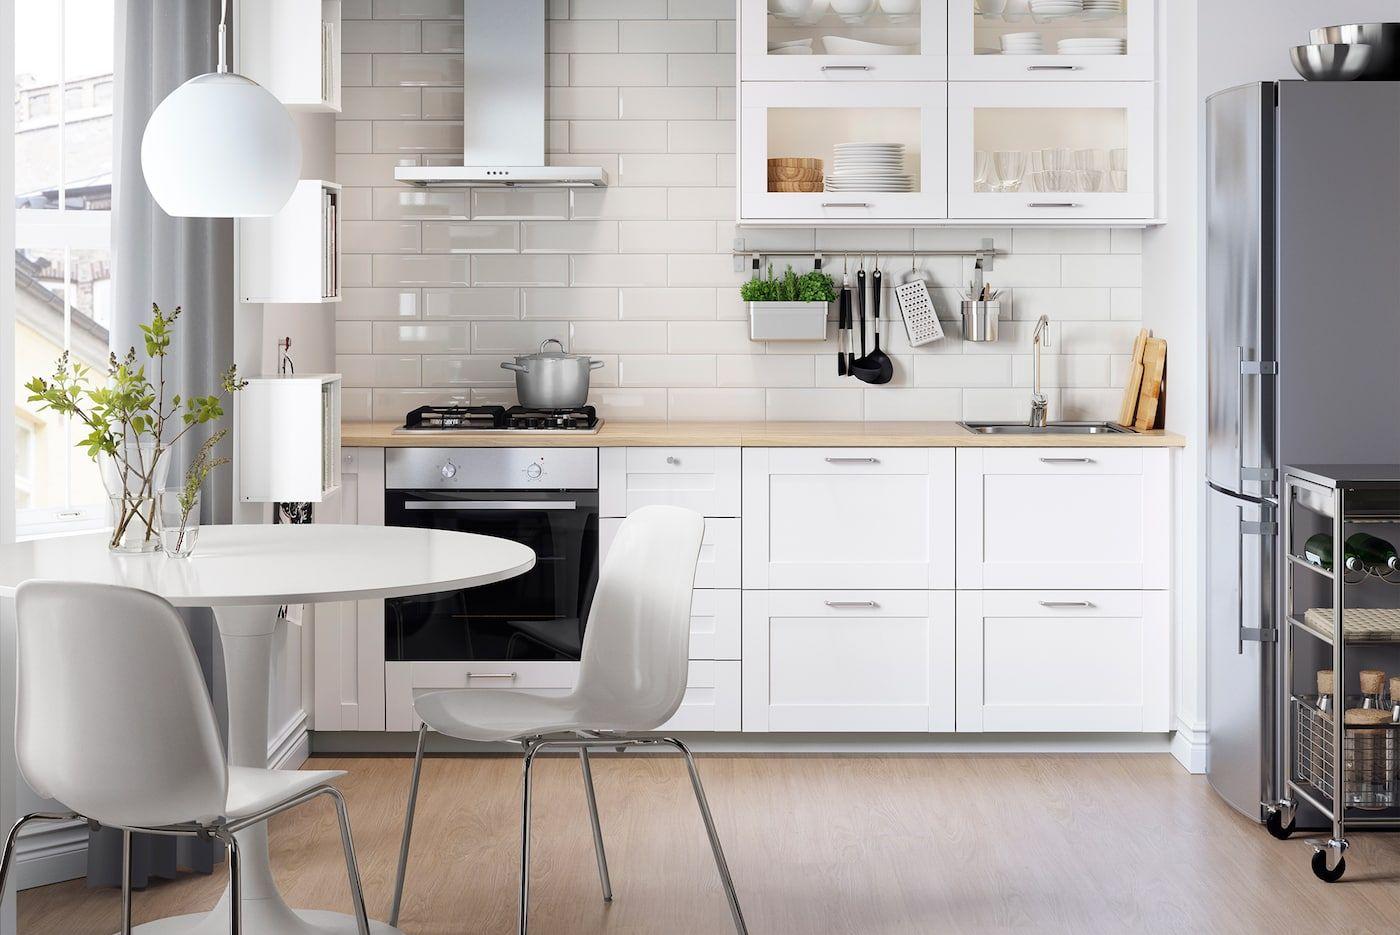 Full Size of Ikea Edelstahl Küche Kleine Kche Einrichten Platz Optimal Nutzen In 2020 Anrichte Landhaus Sitzecke Mit E Geräten Günstig Weiß Hochglanz Ebay U Form Wohnzimmer Ikea Edelstahl Küche